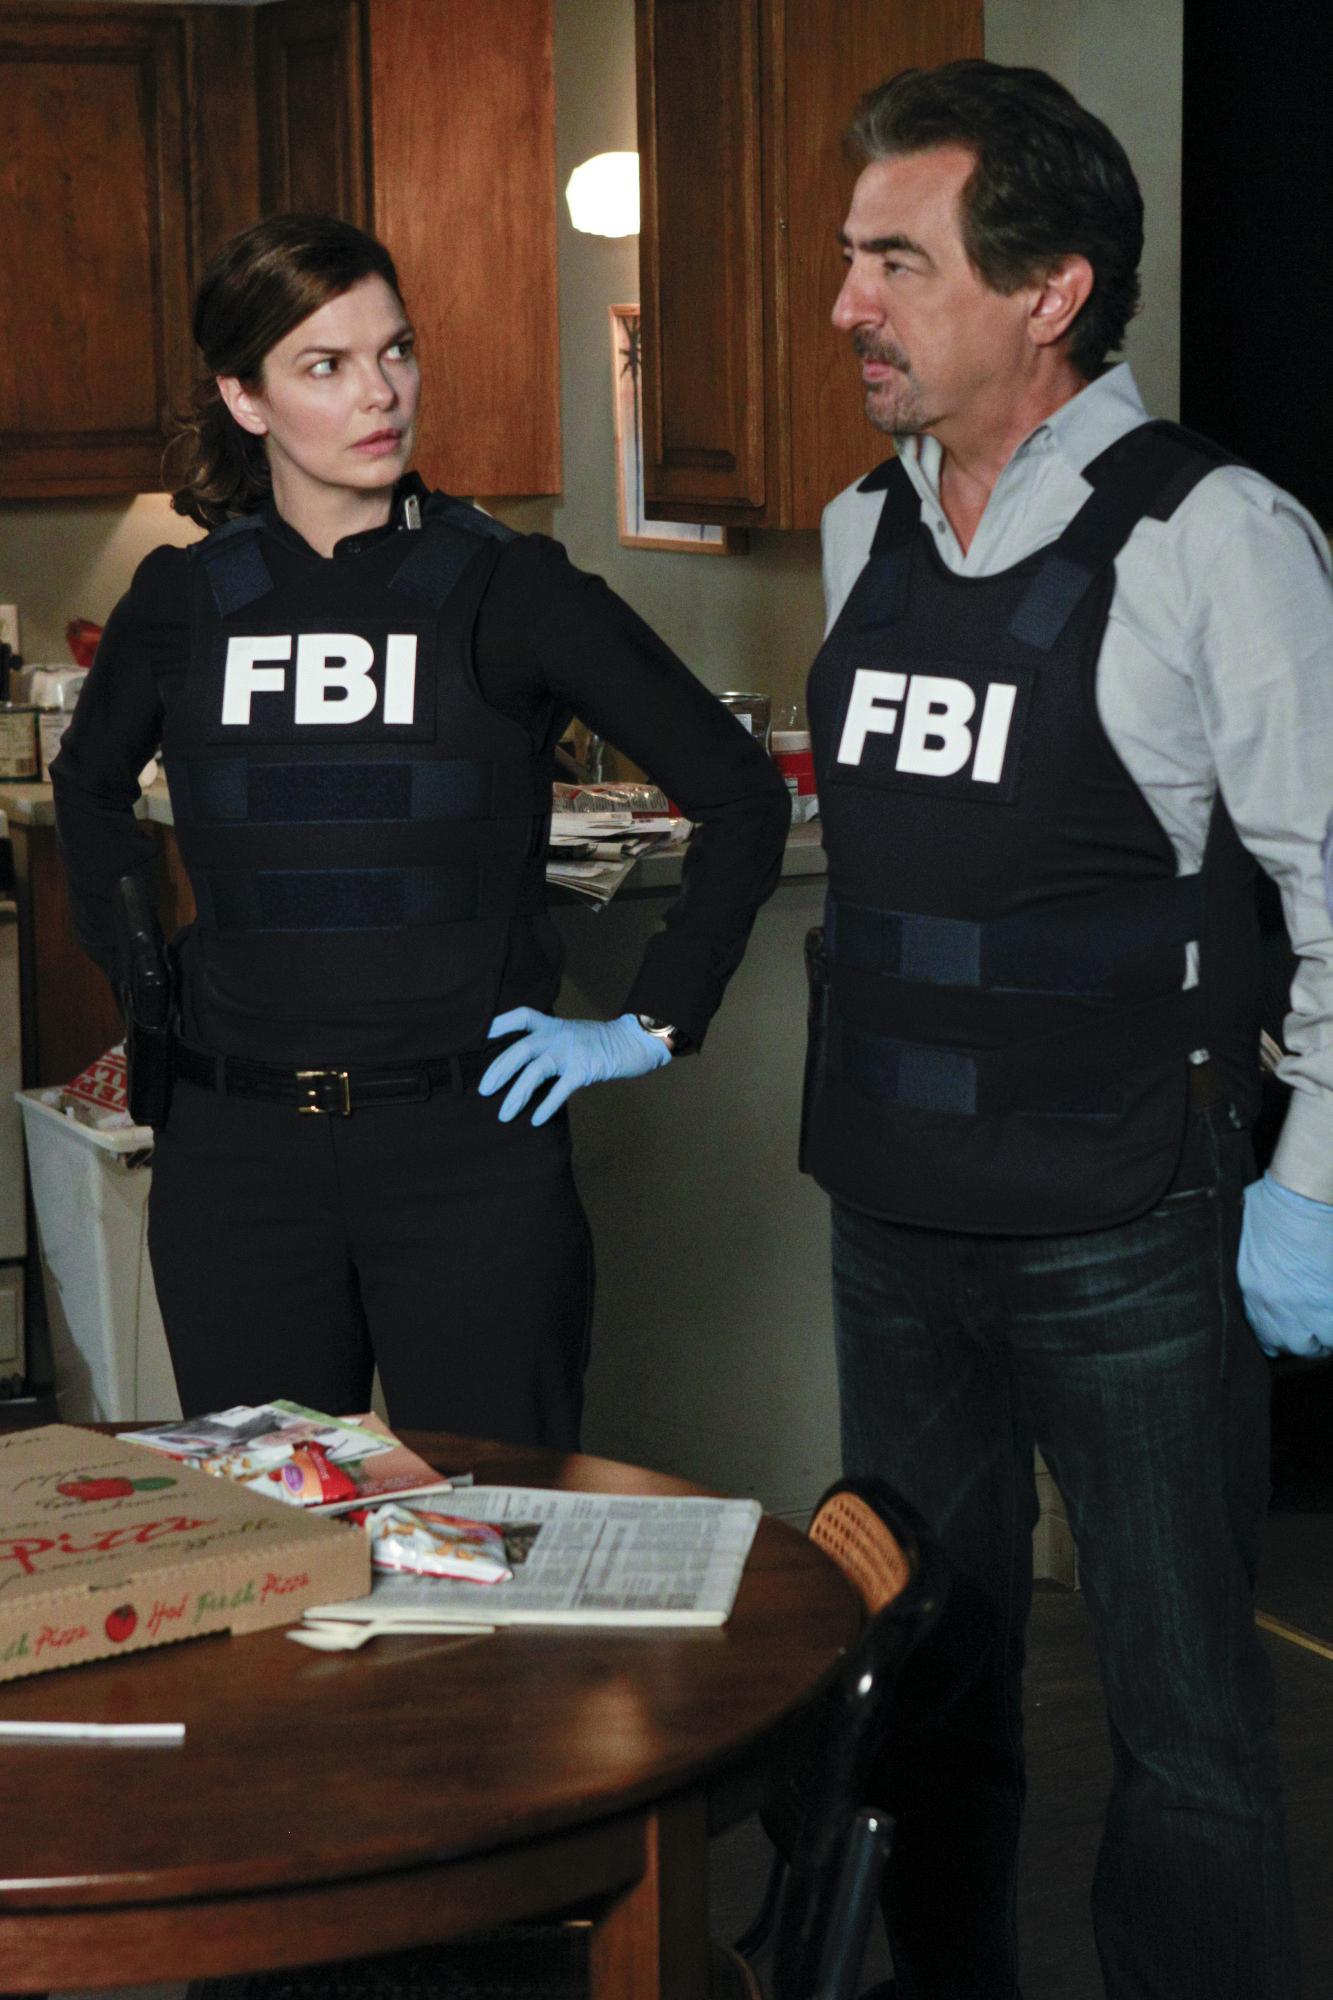 Crime Scene Discussion